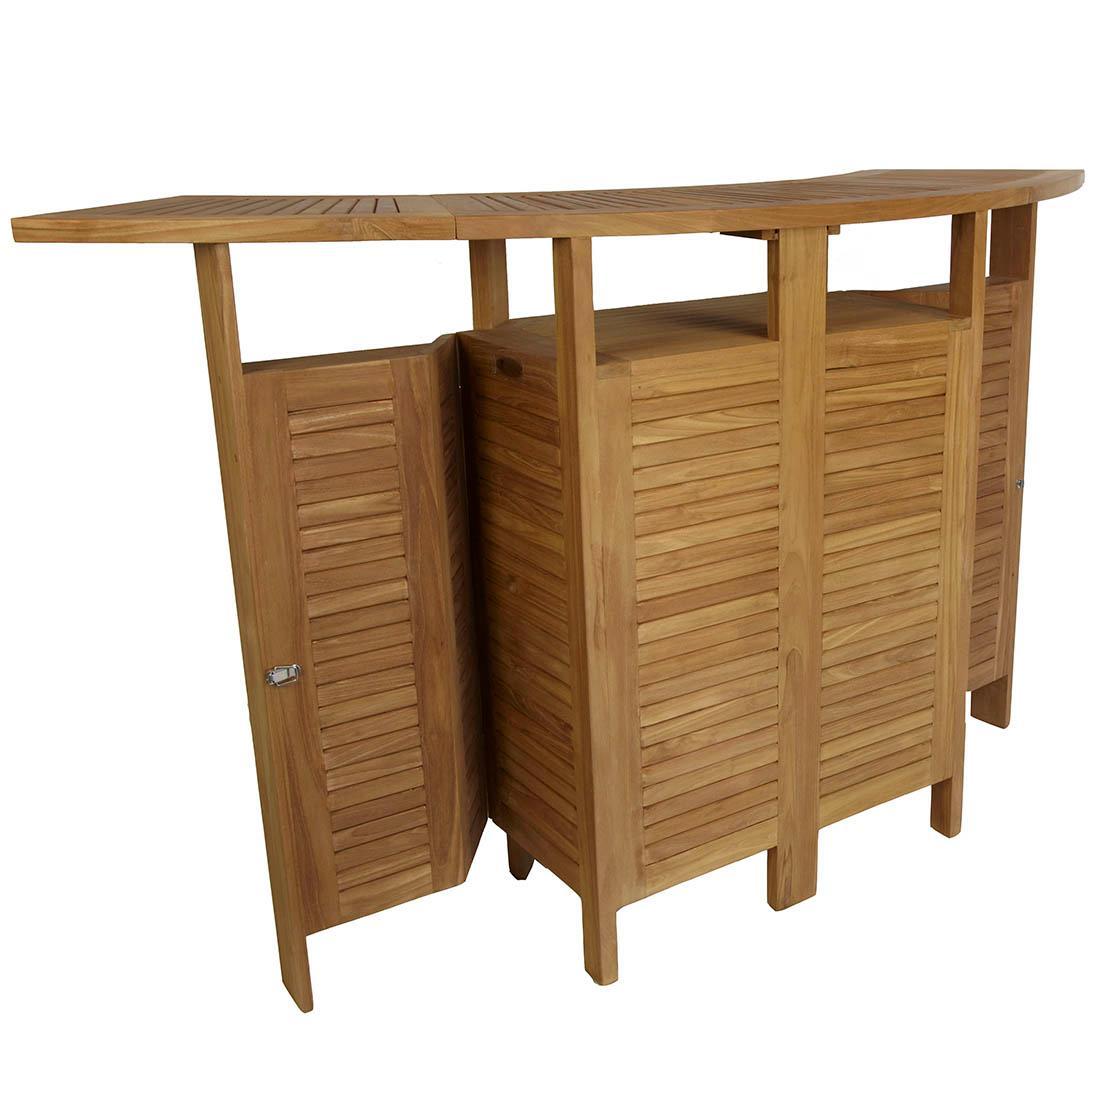 Barra de bar madera de teca oferta jard n y exteriores - Madera teca exteriores ...